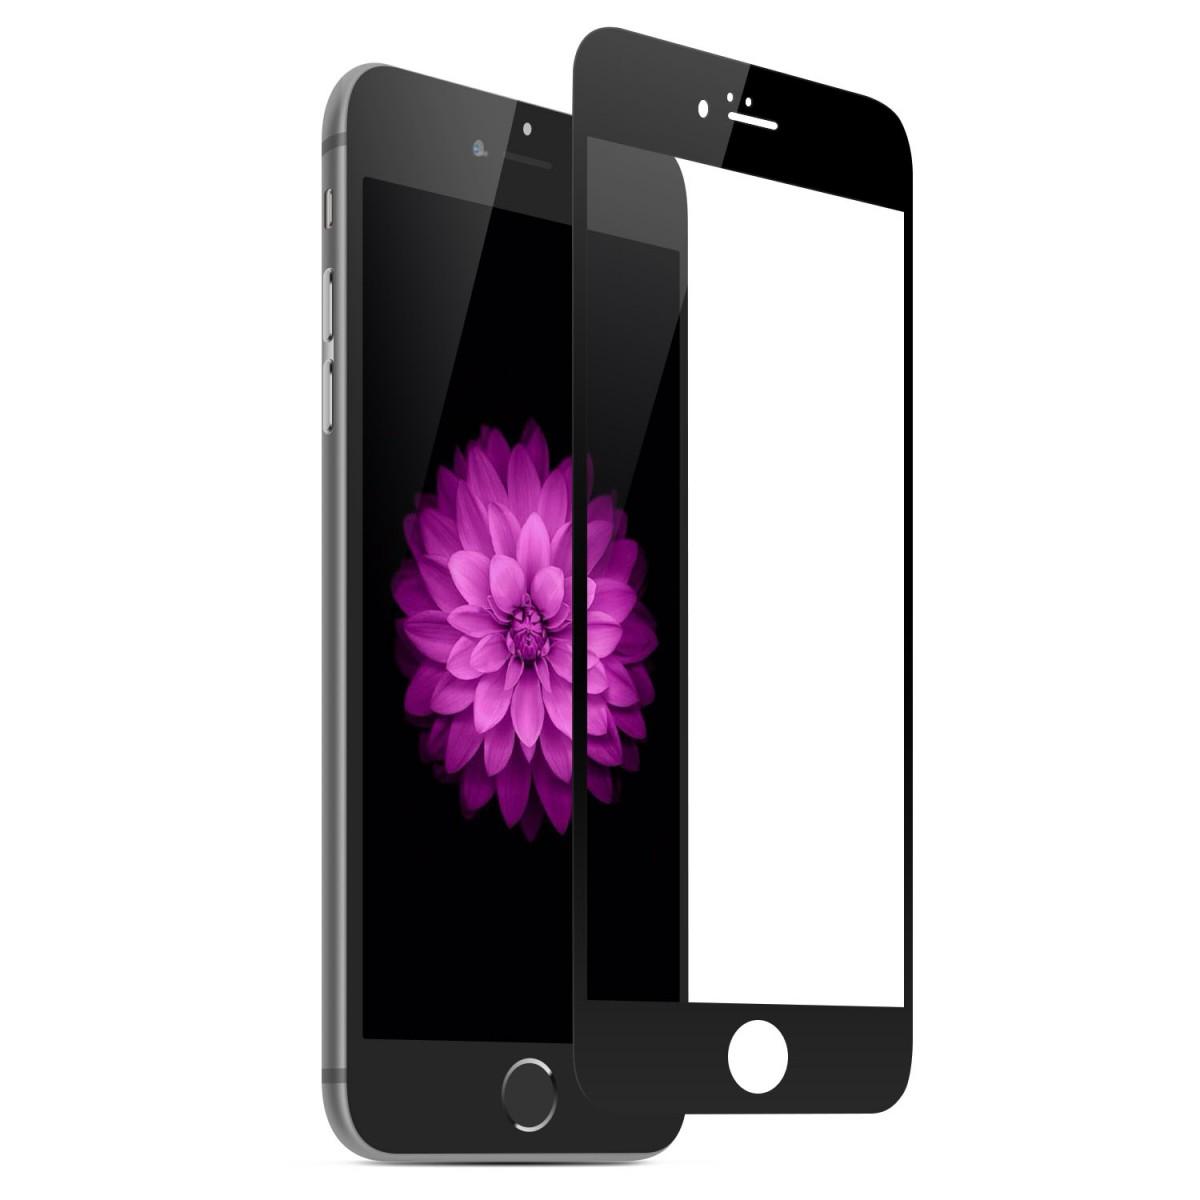 Tvrzené sklo FullCover na iPhone 6s Plus/ 6 Plus (černé)